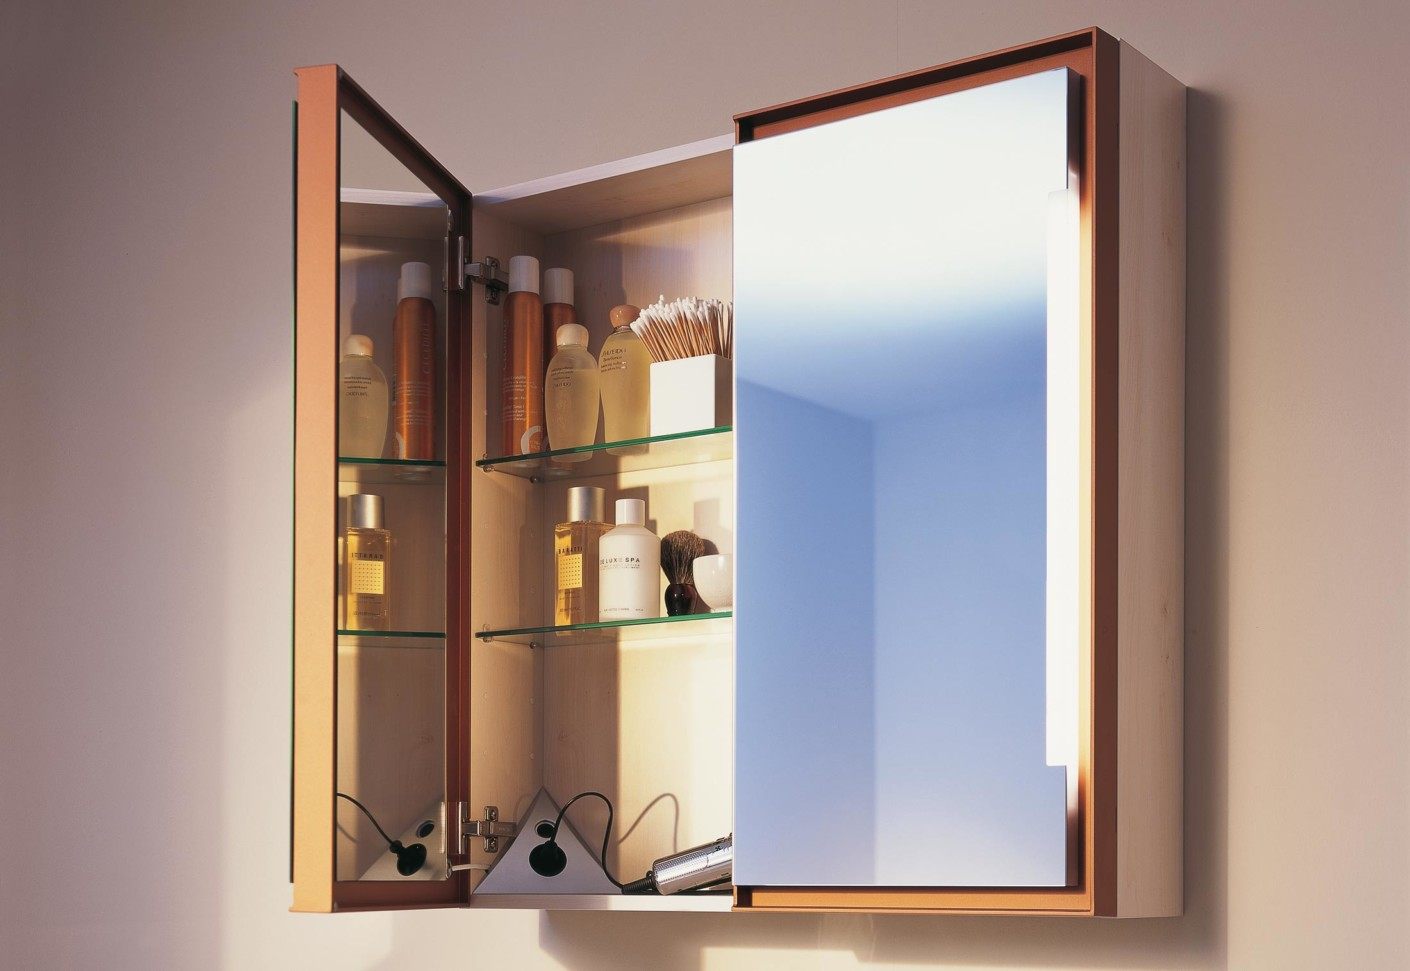 starck 1 2 3 spiegelschrank von duravit stylepark. Black Bedroom Furniture Sets. Home Design Ideas